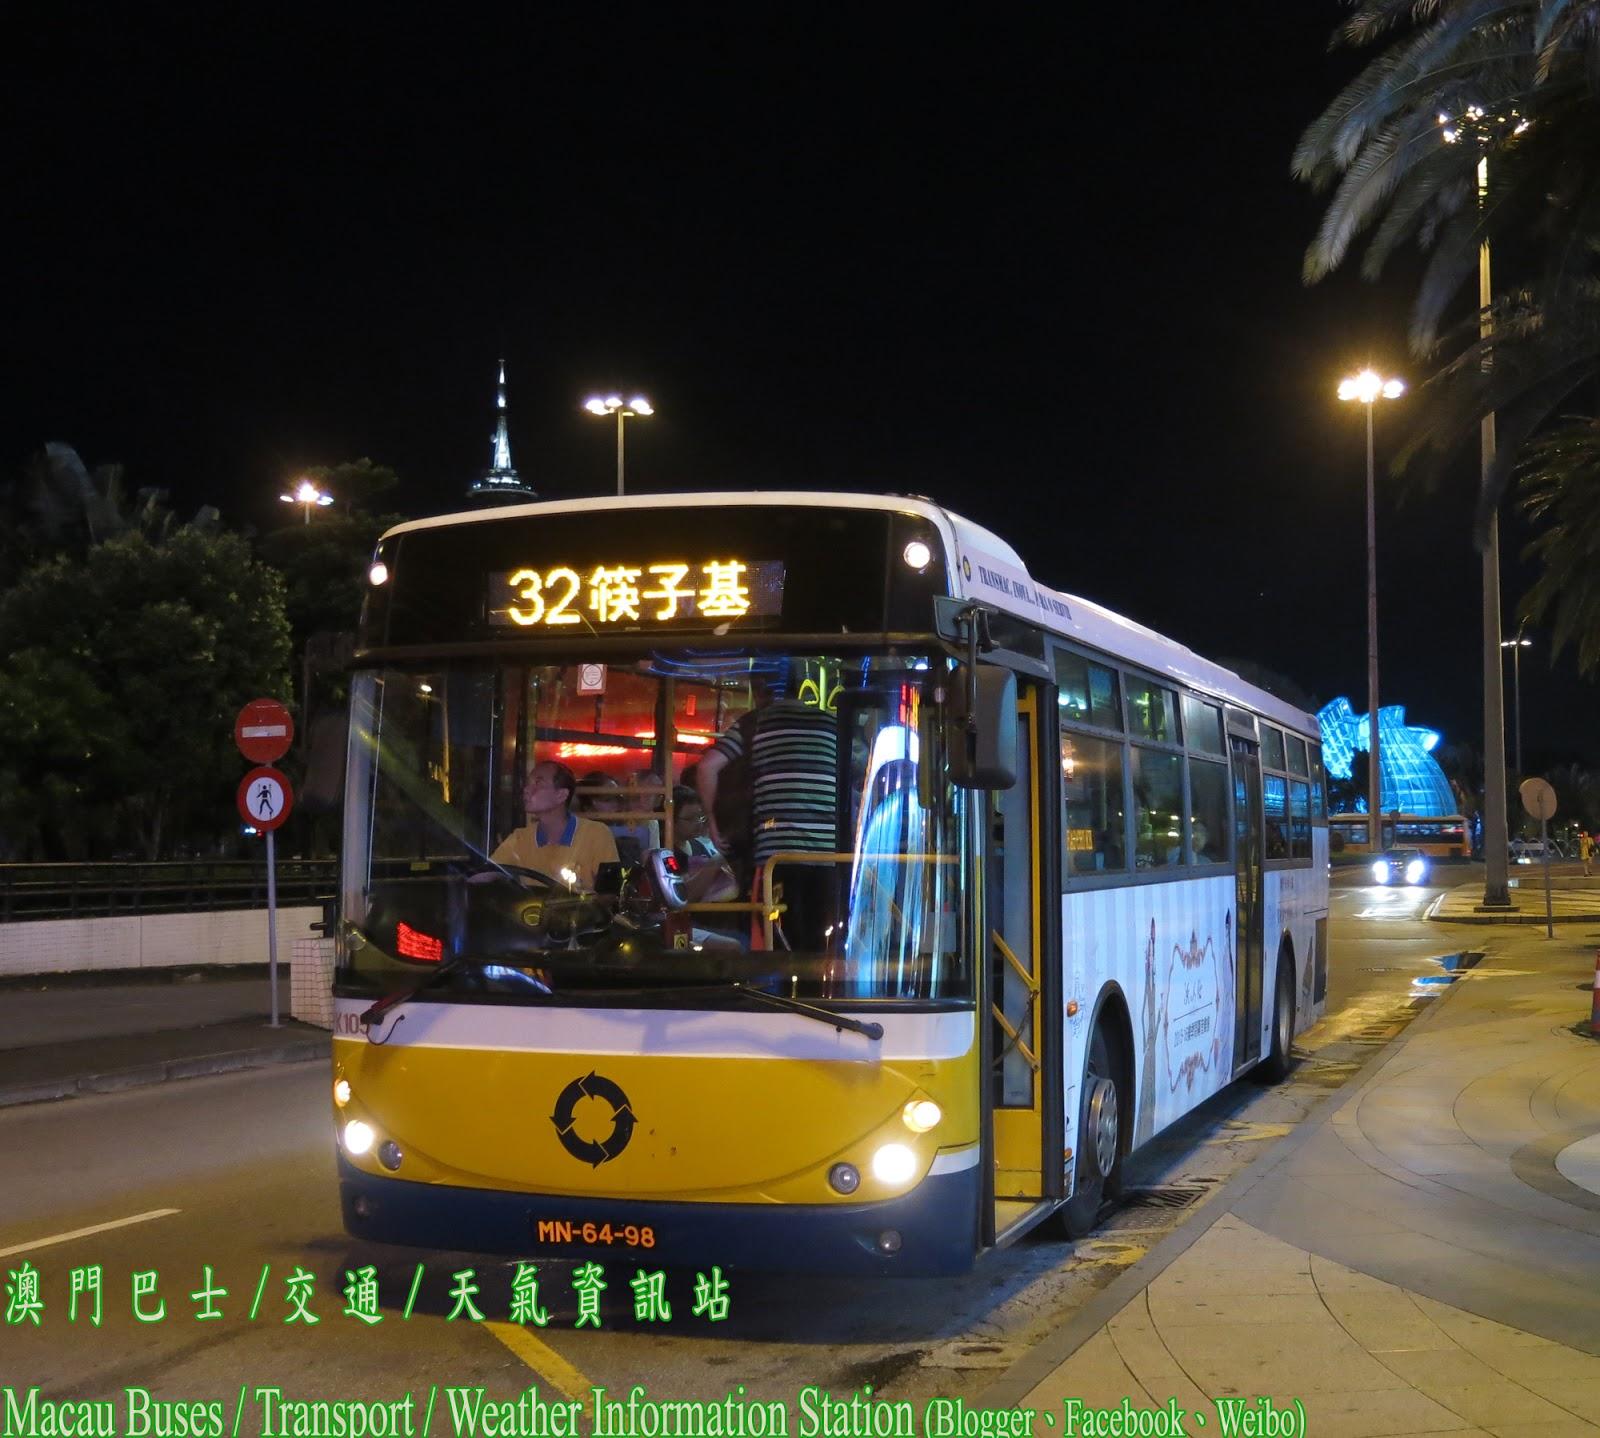 澳門巴士/ 交通/ 天氣資訊站Maca...